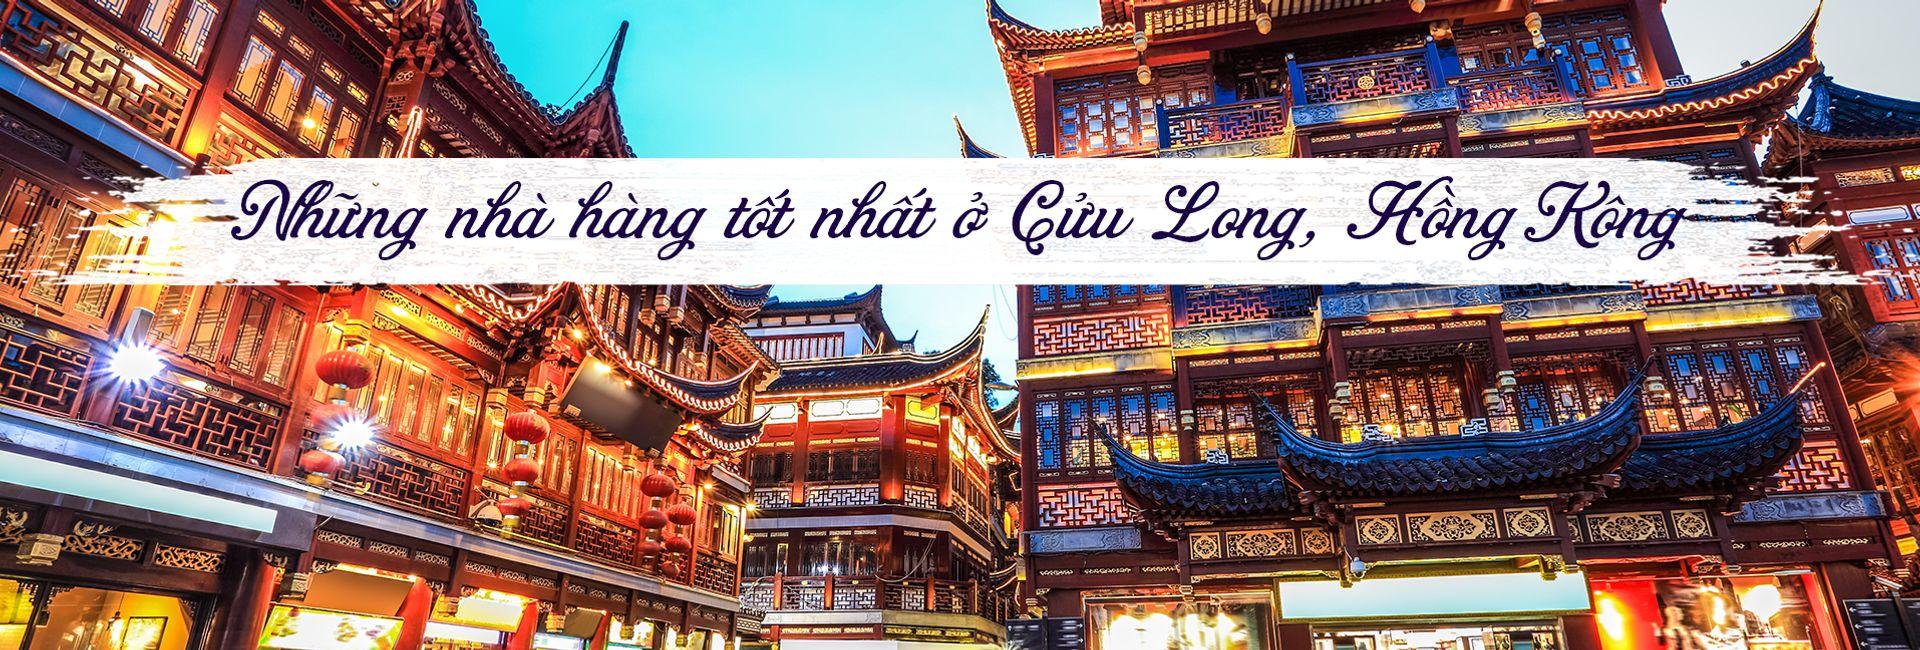 Top 9 nhà hàng tốt nhất ở Cửu Long, Hồng Kông